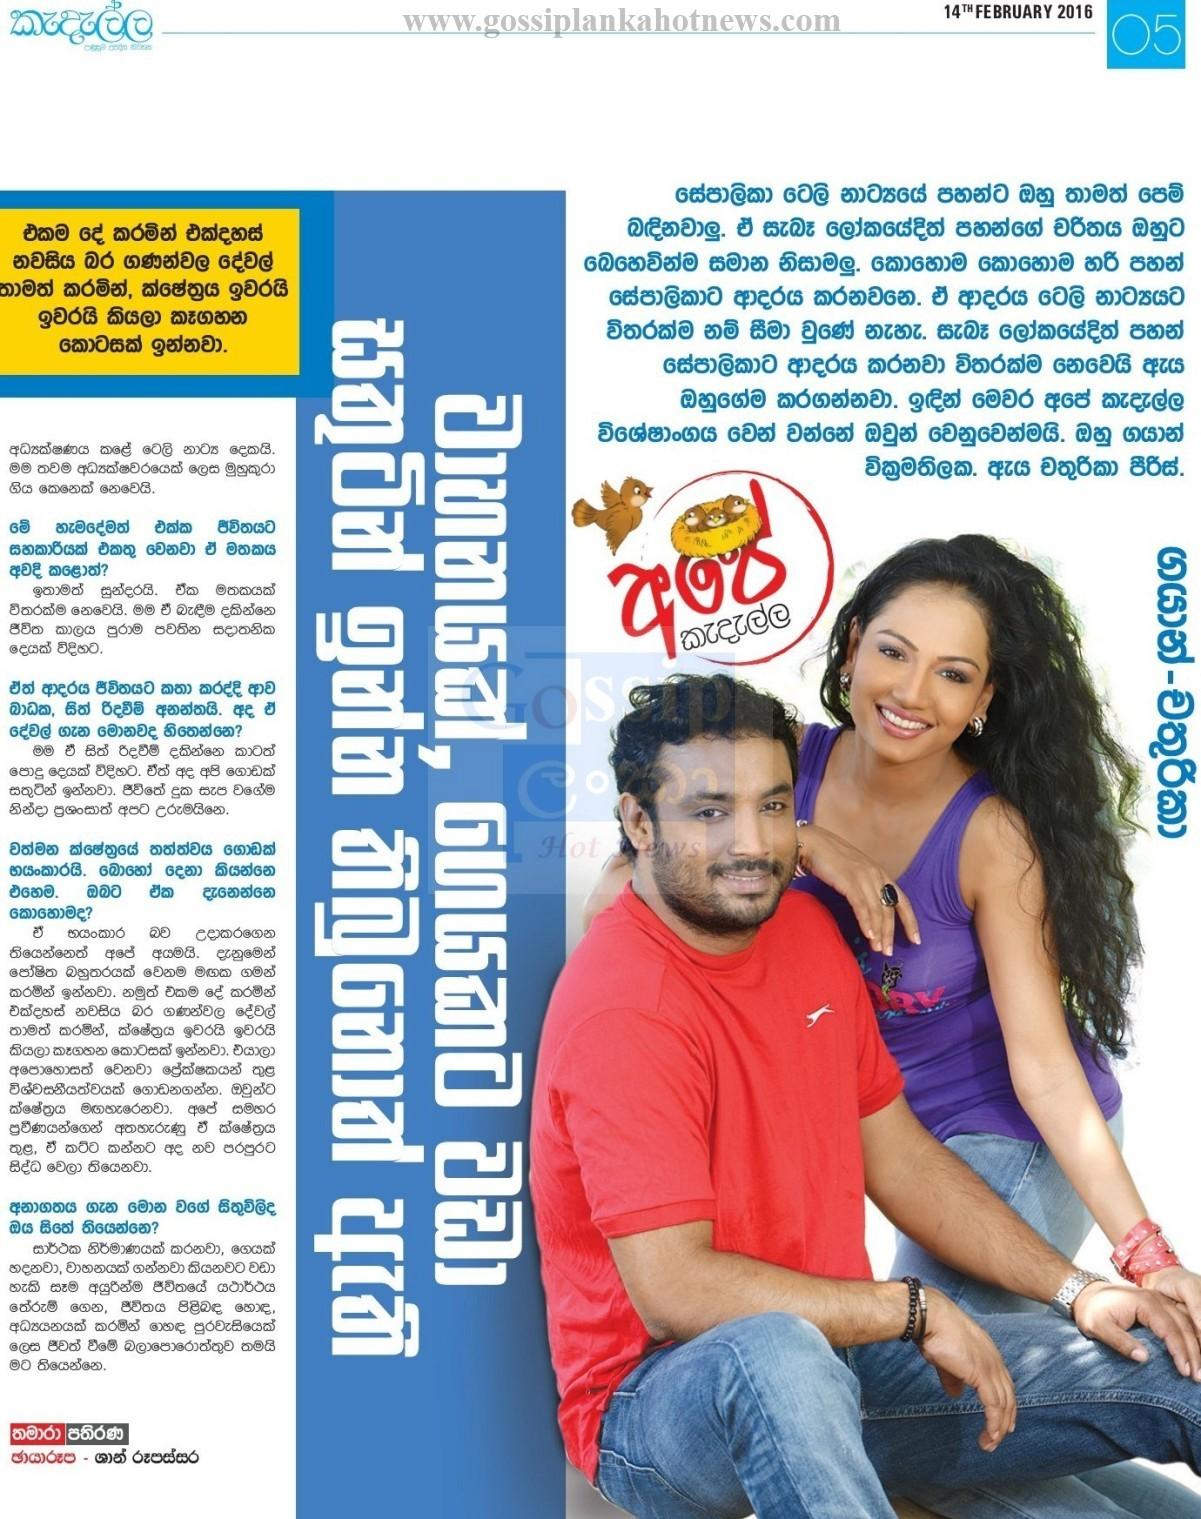 Gossip Lanka News Sri Lanka, Hiru Gossip, Gossip Lanka Hot